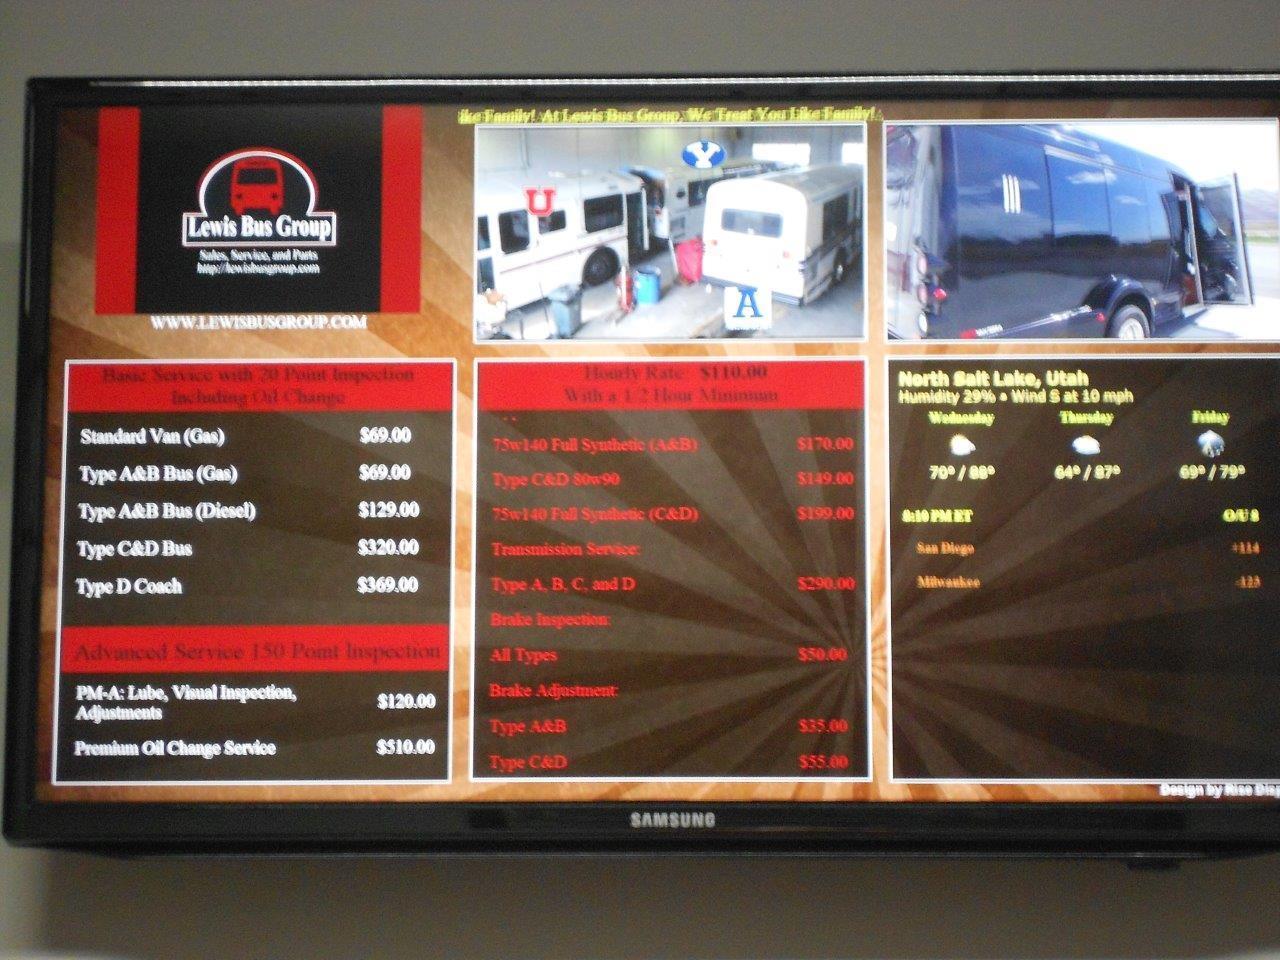 Lewis-bus-group-digital-signage-3-2.jpg